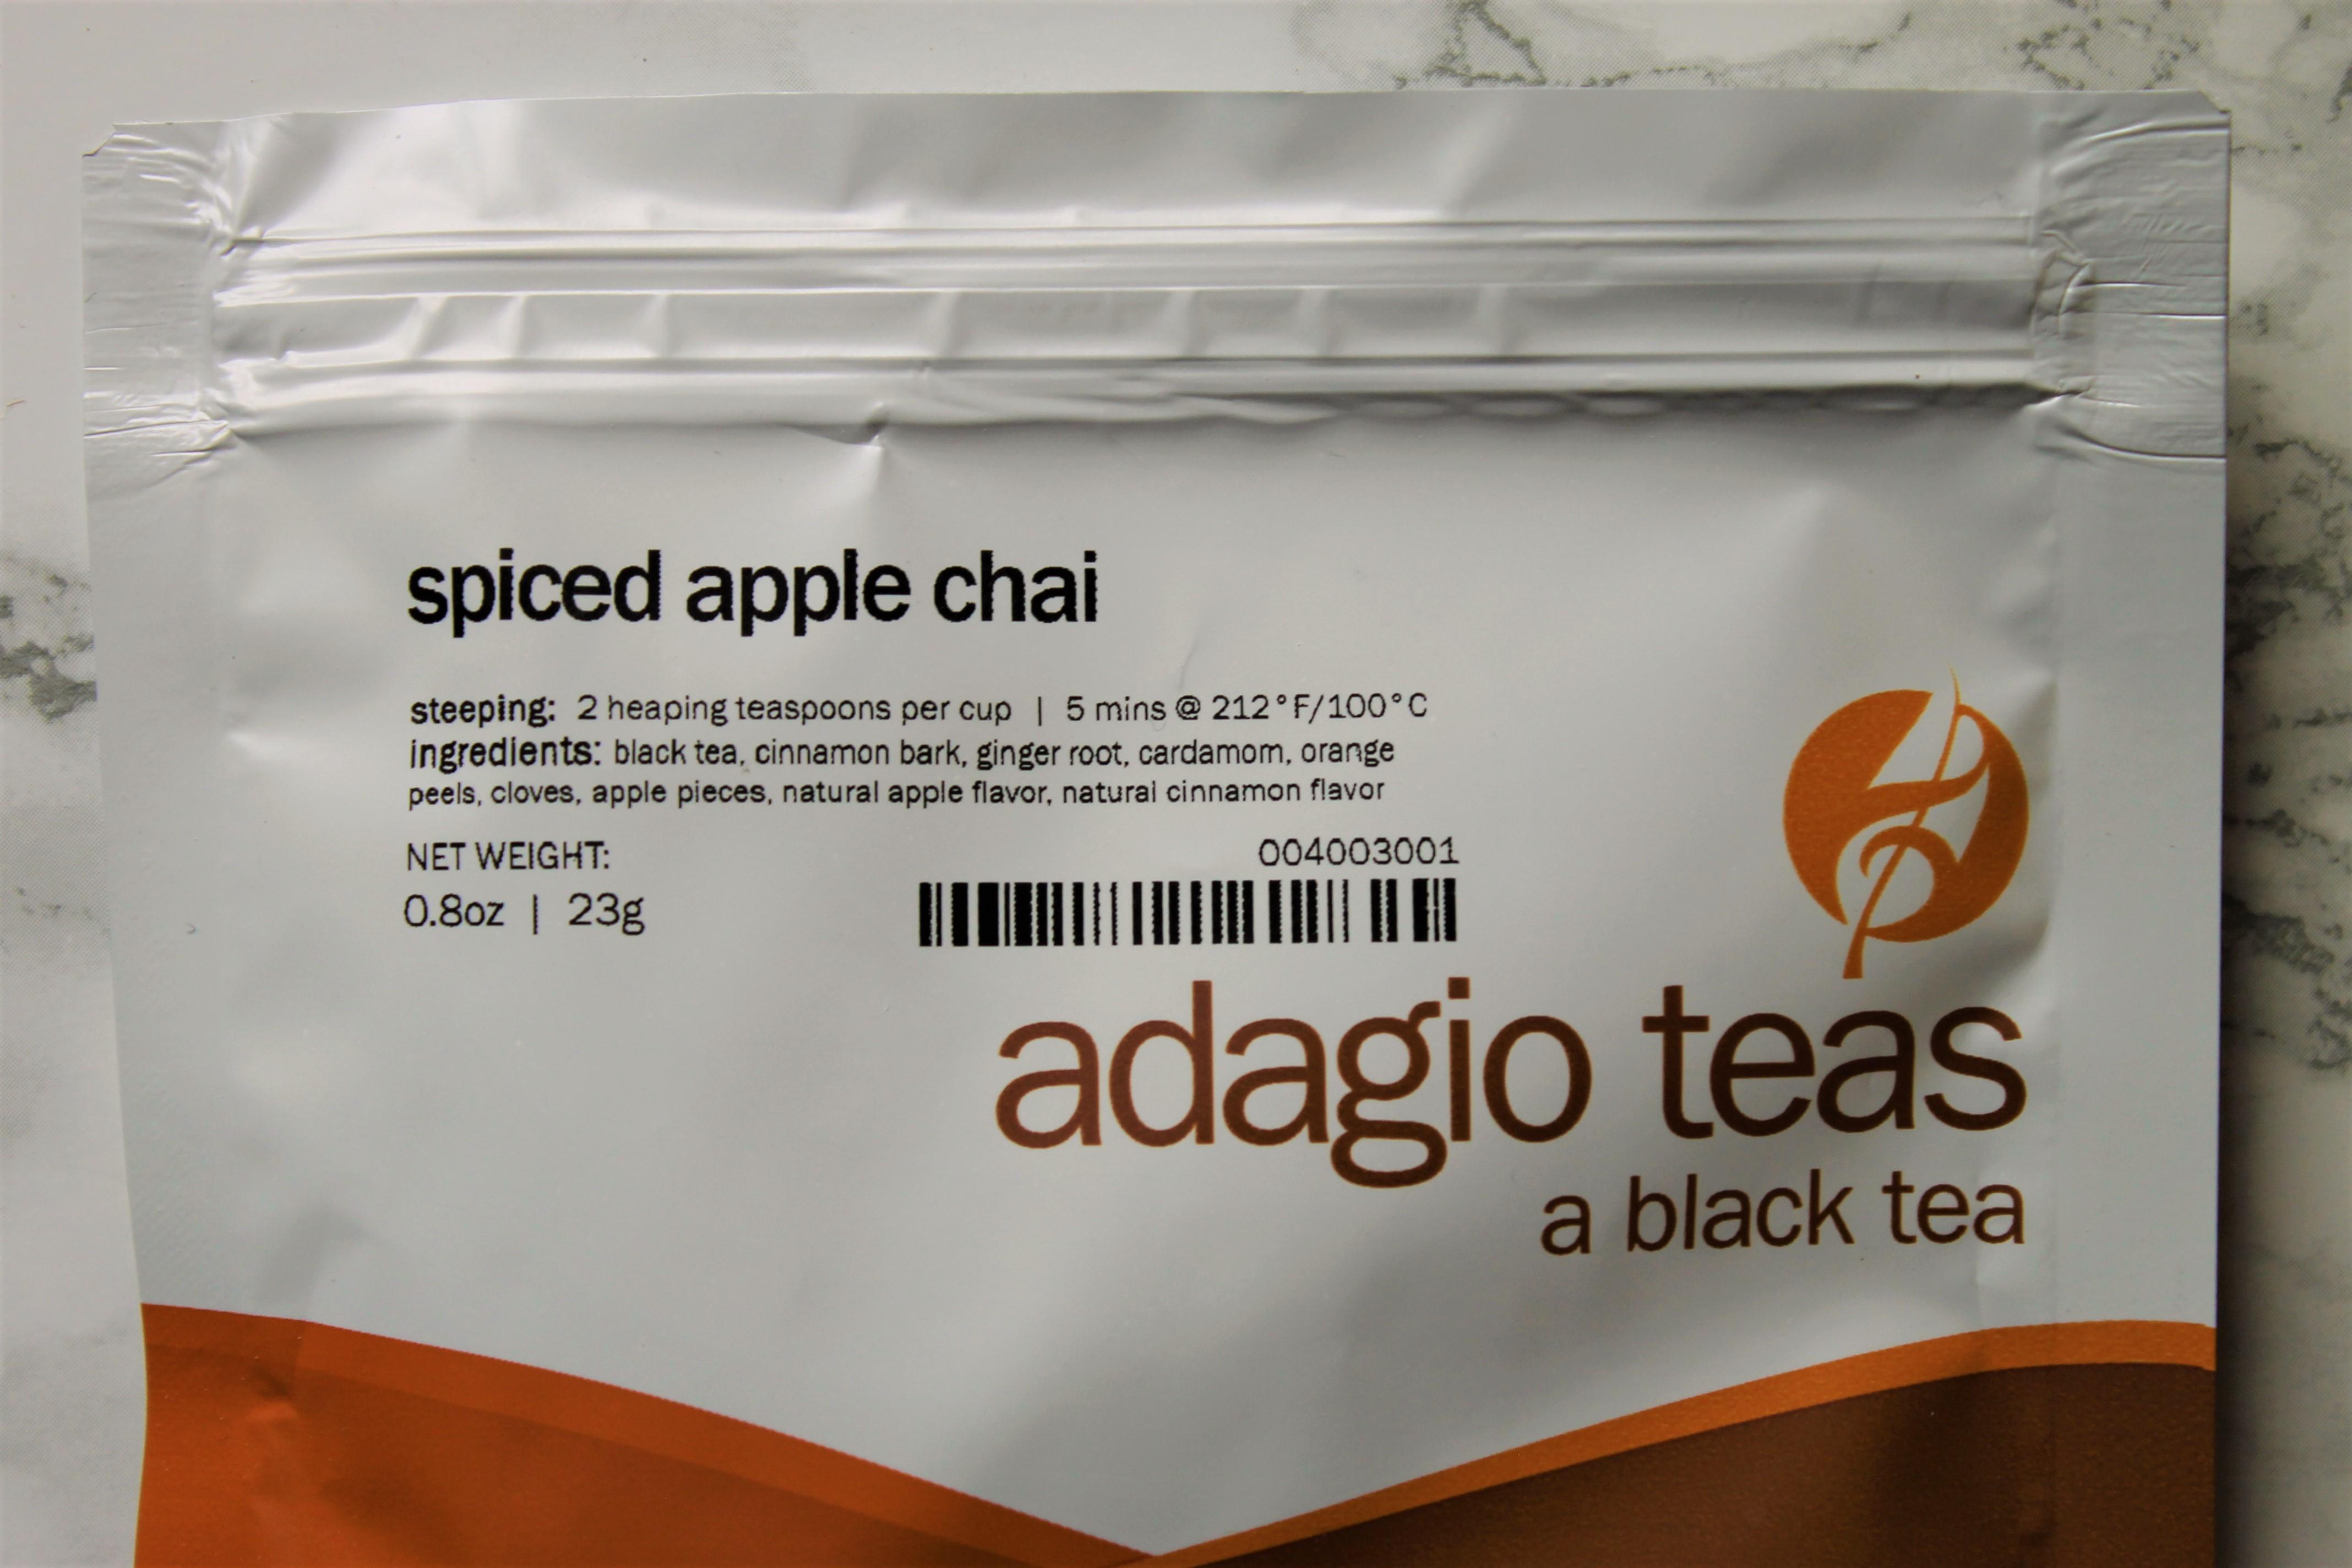 spiced apple chai tea by adagio